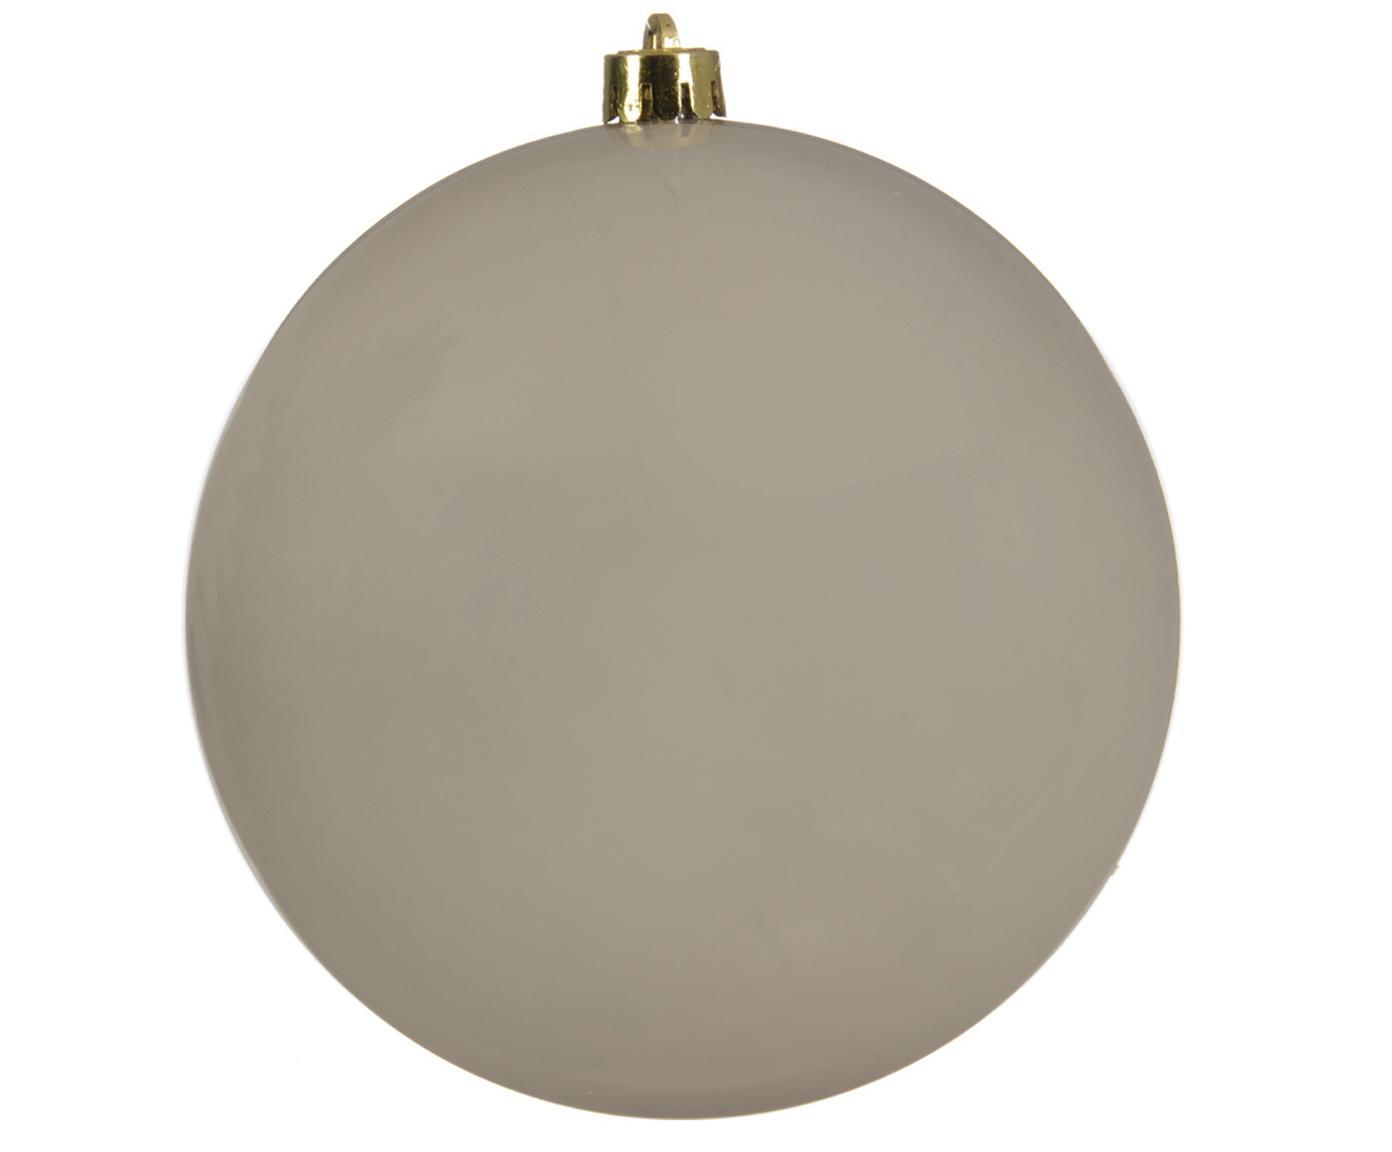 Kerstbal Minstix, Kunststof, Beige, Ø 20 cm